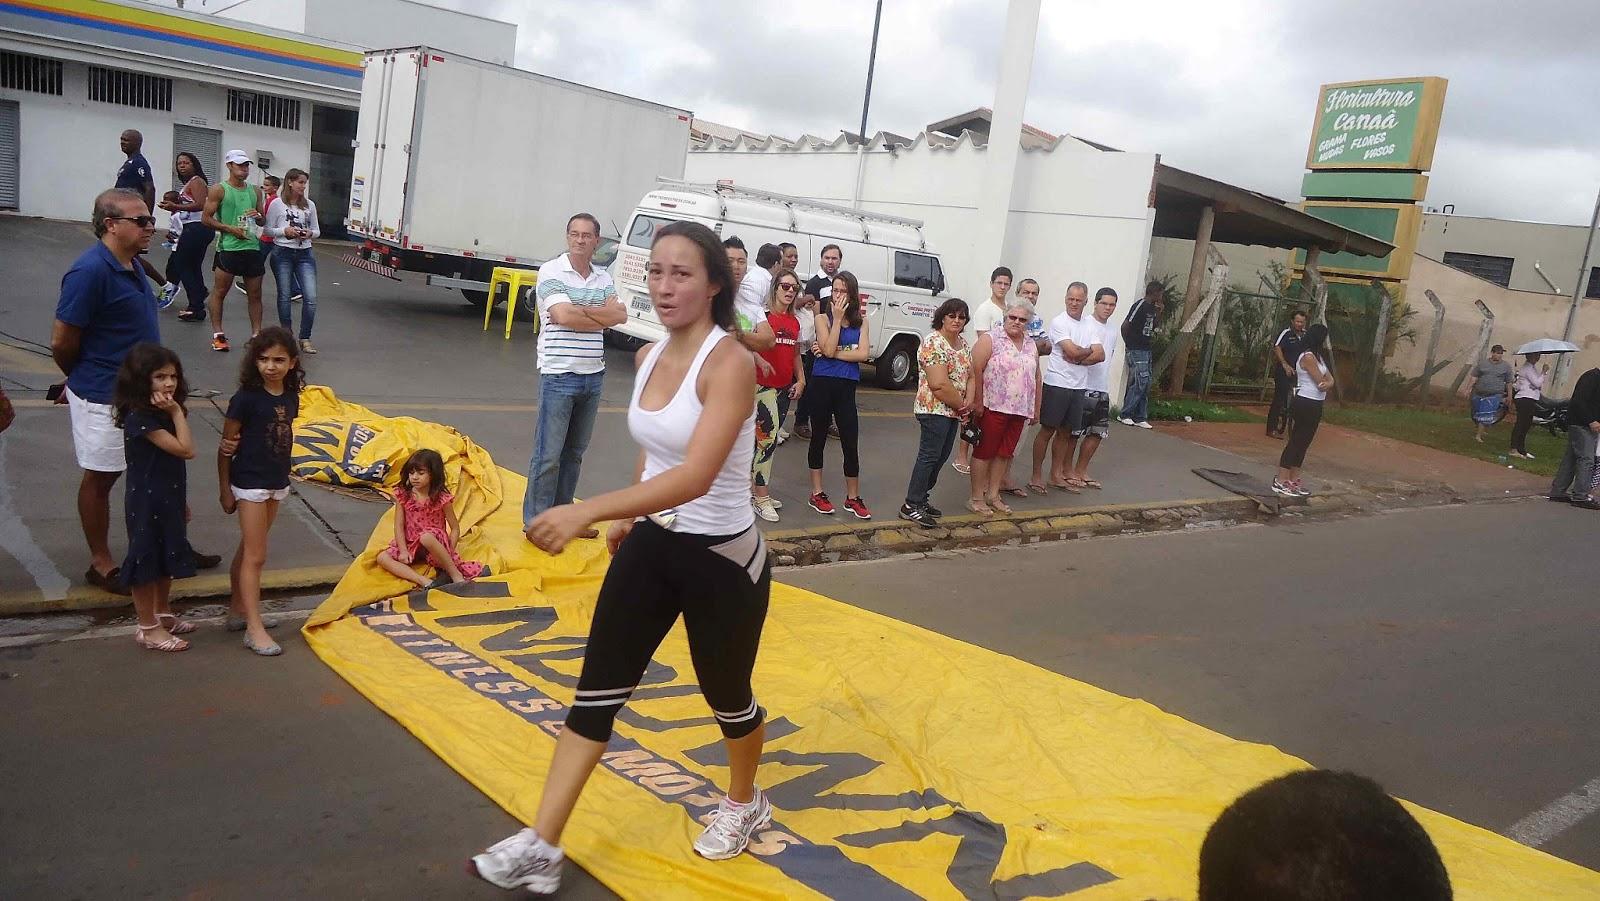 Foto 141 da 1ª Corrida Av. dos Coqueiros em Barretos-SP 14/04/2013 – Atletas cruzando a linha de chegada